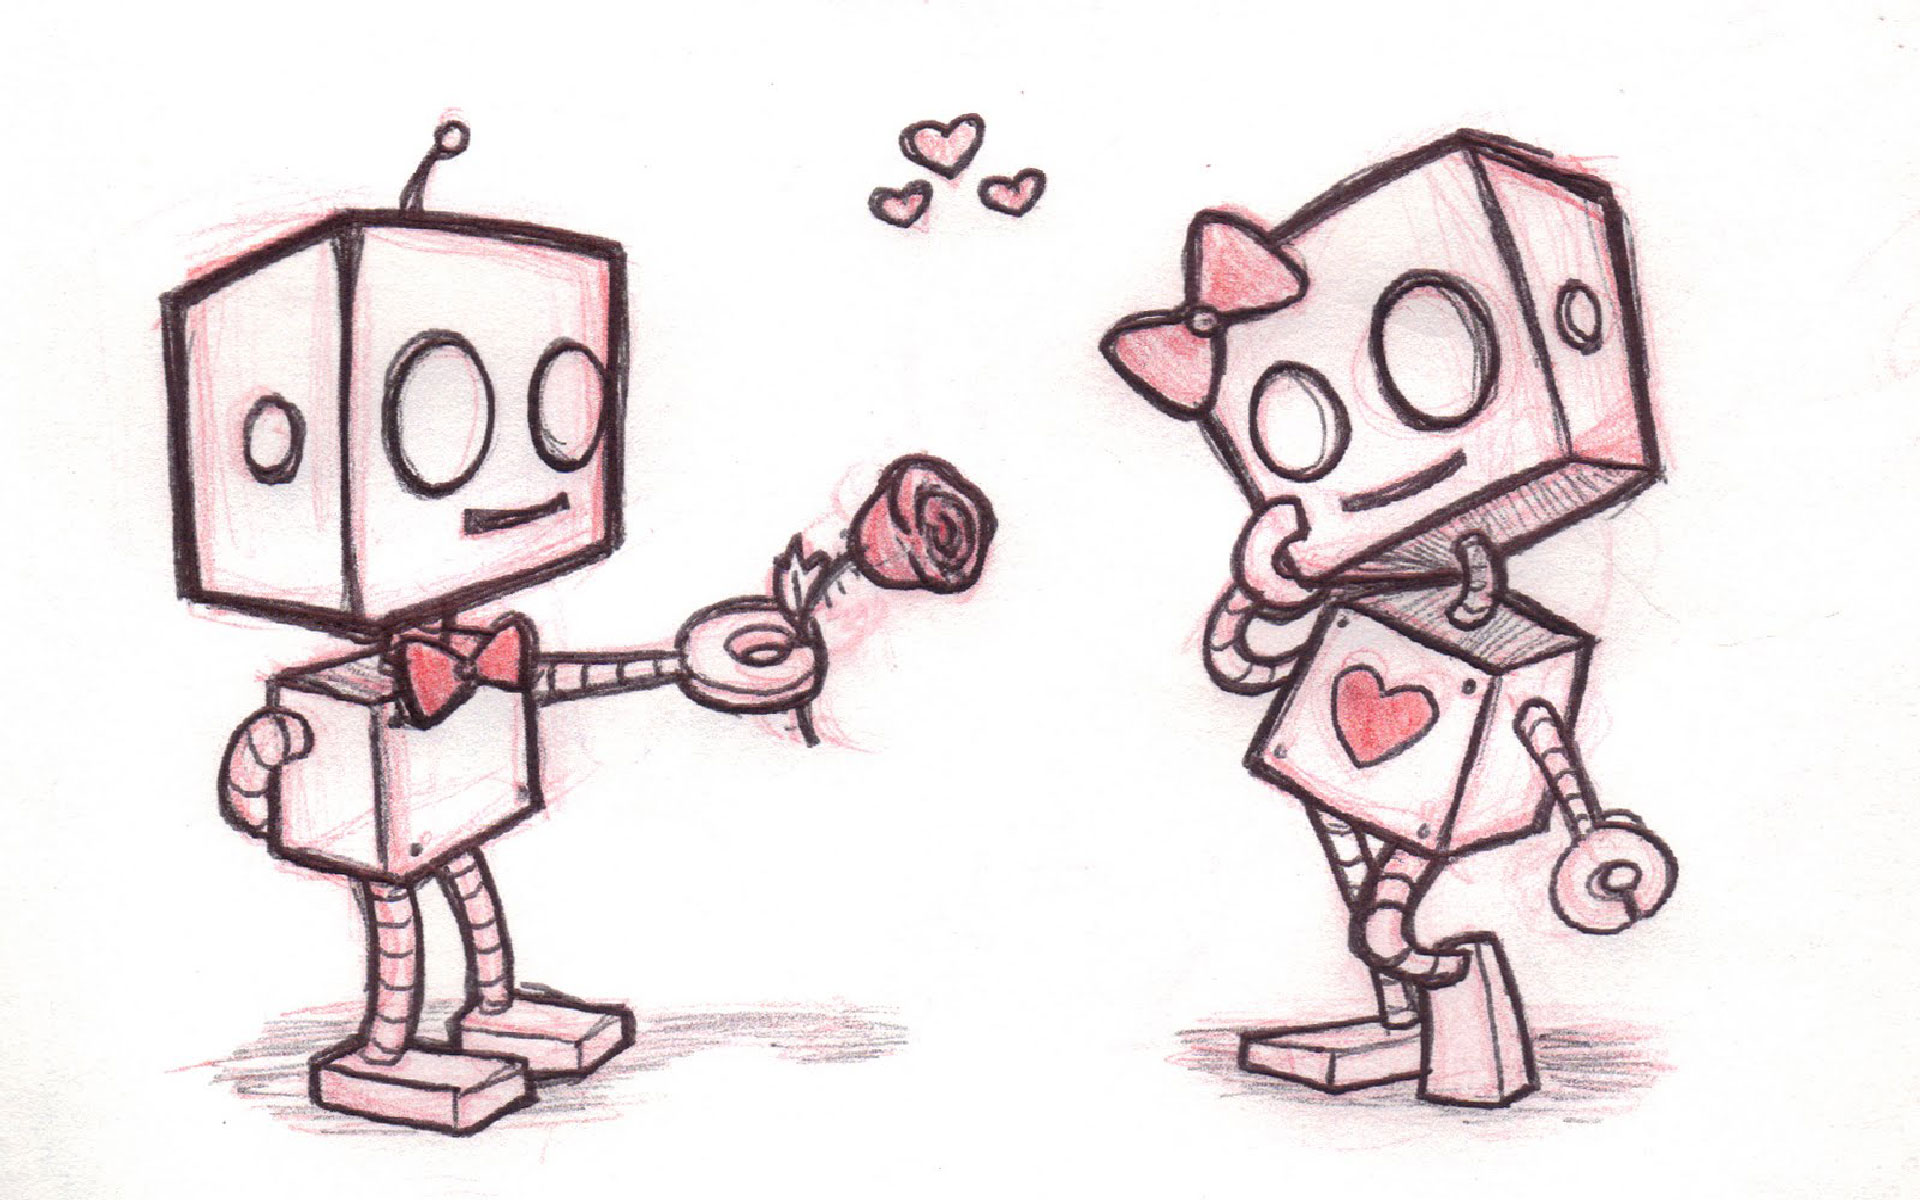 1920x1200 cute love drawings pencil art hd romantic sketch wallpaper